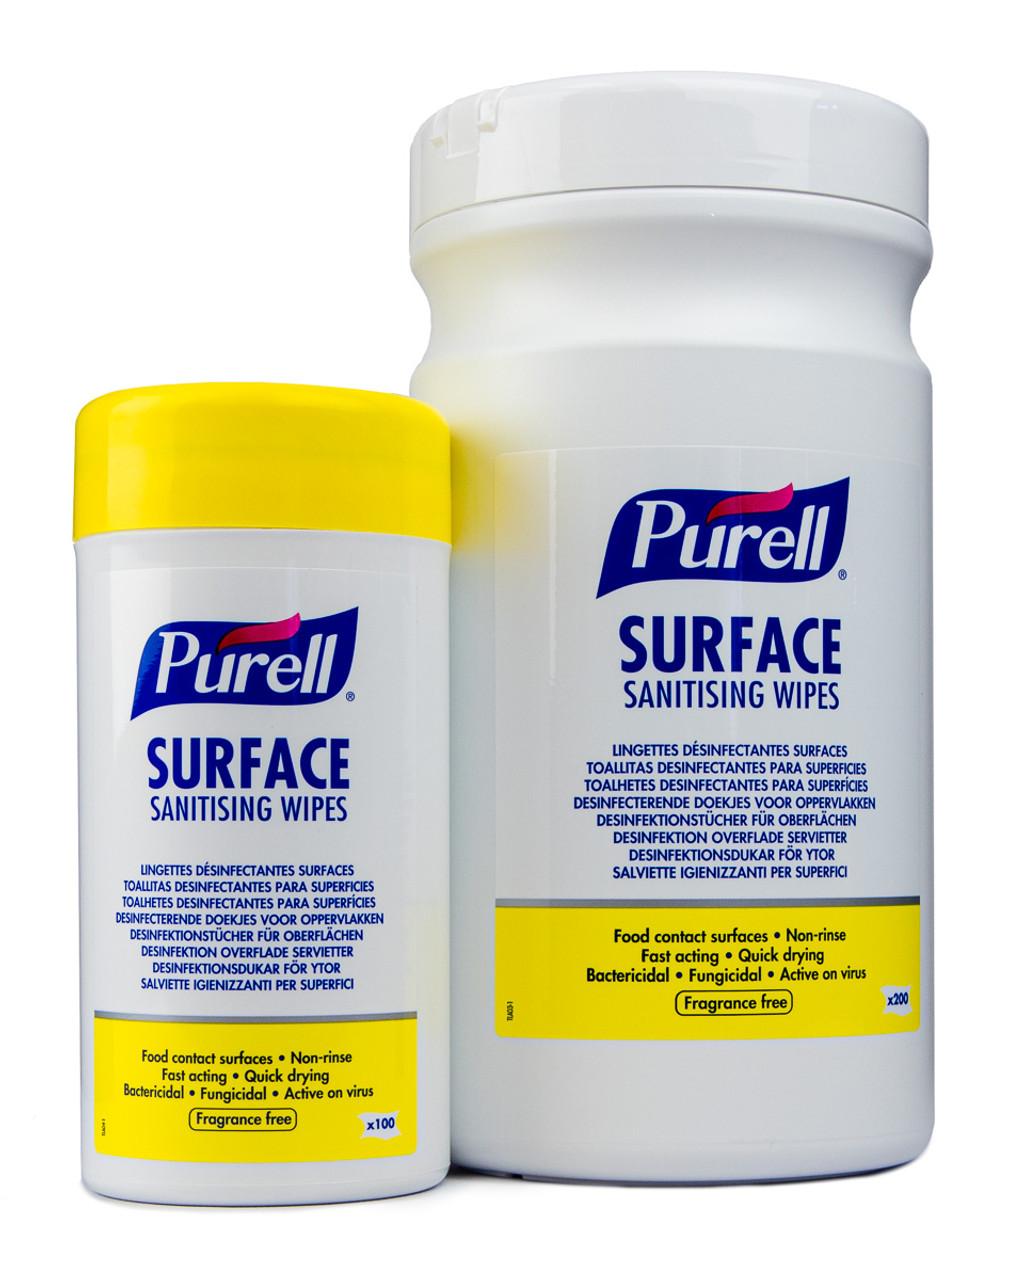 Znalezione obrazy dla zapytania: purell surface sanitising wipes 200